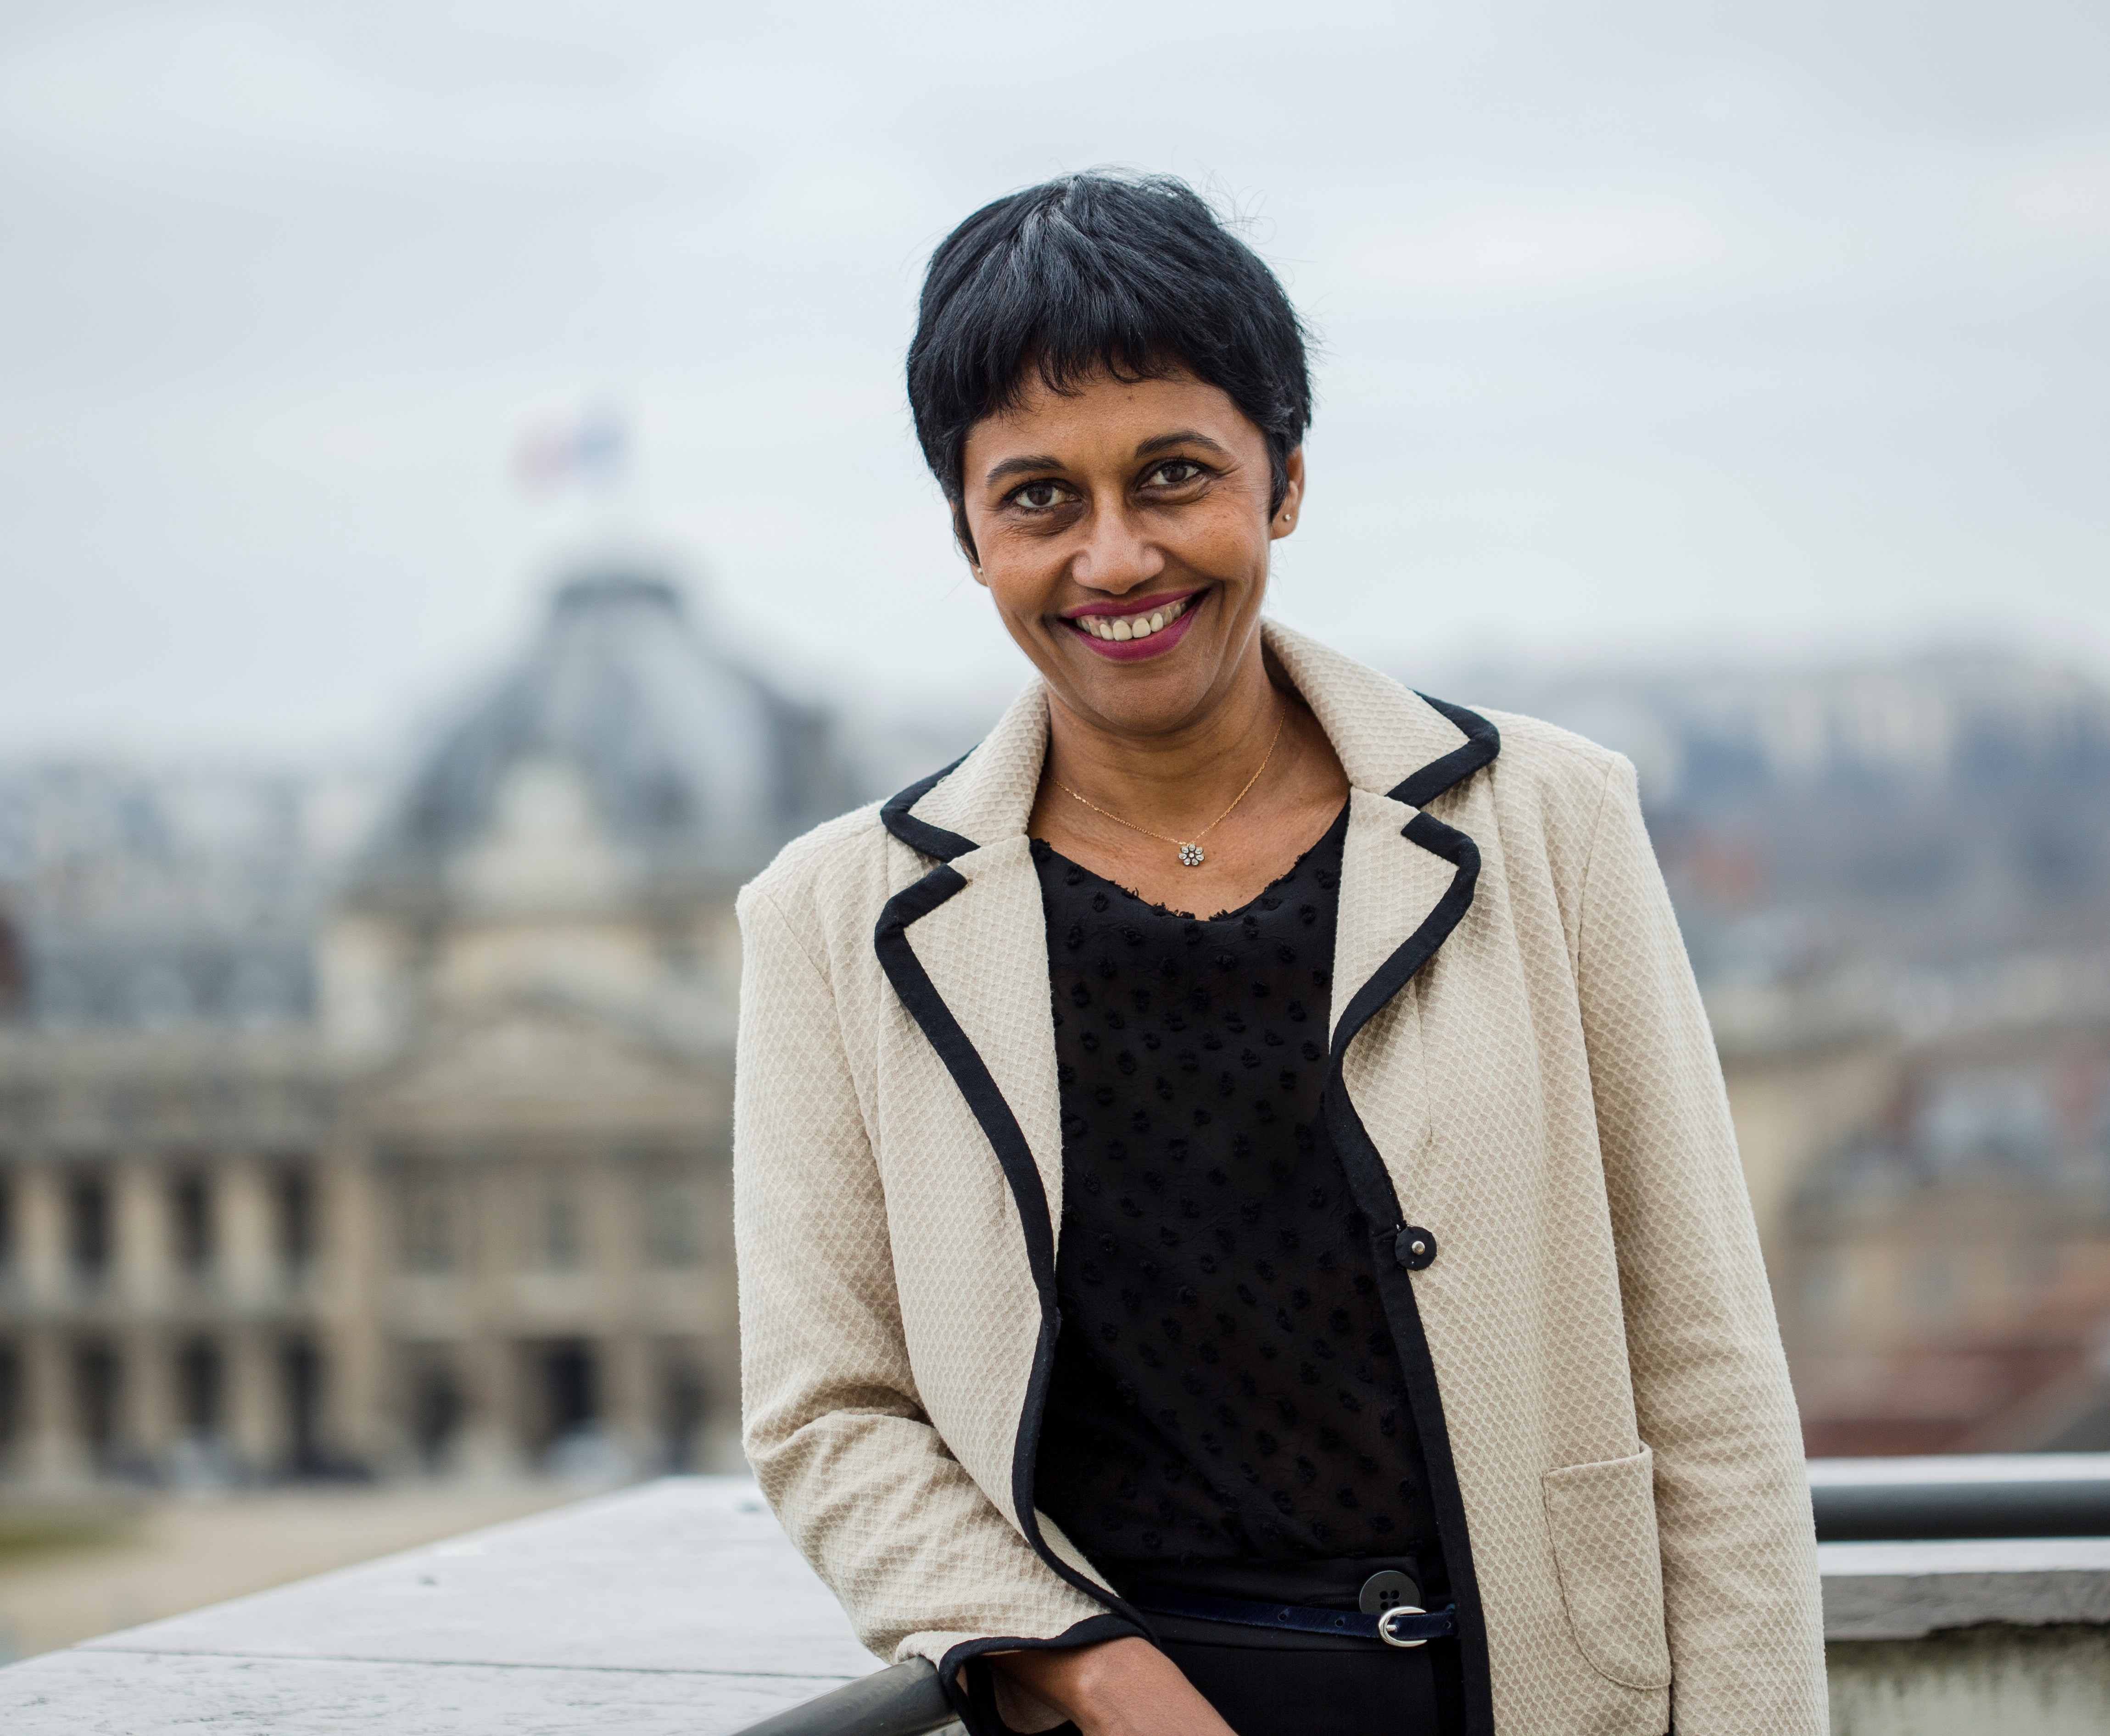 La ministre des Outre-mer, Ericka Bareigts, réalise une visite officielle en Polynésie française du 17 au 22 février prochains.